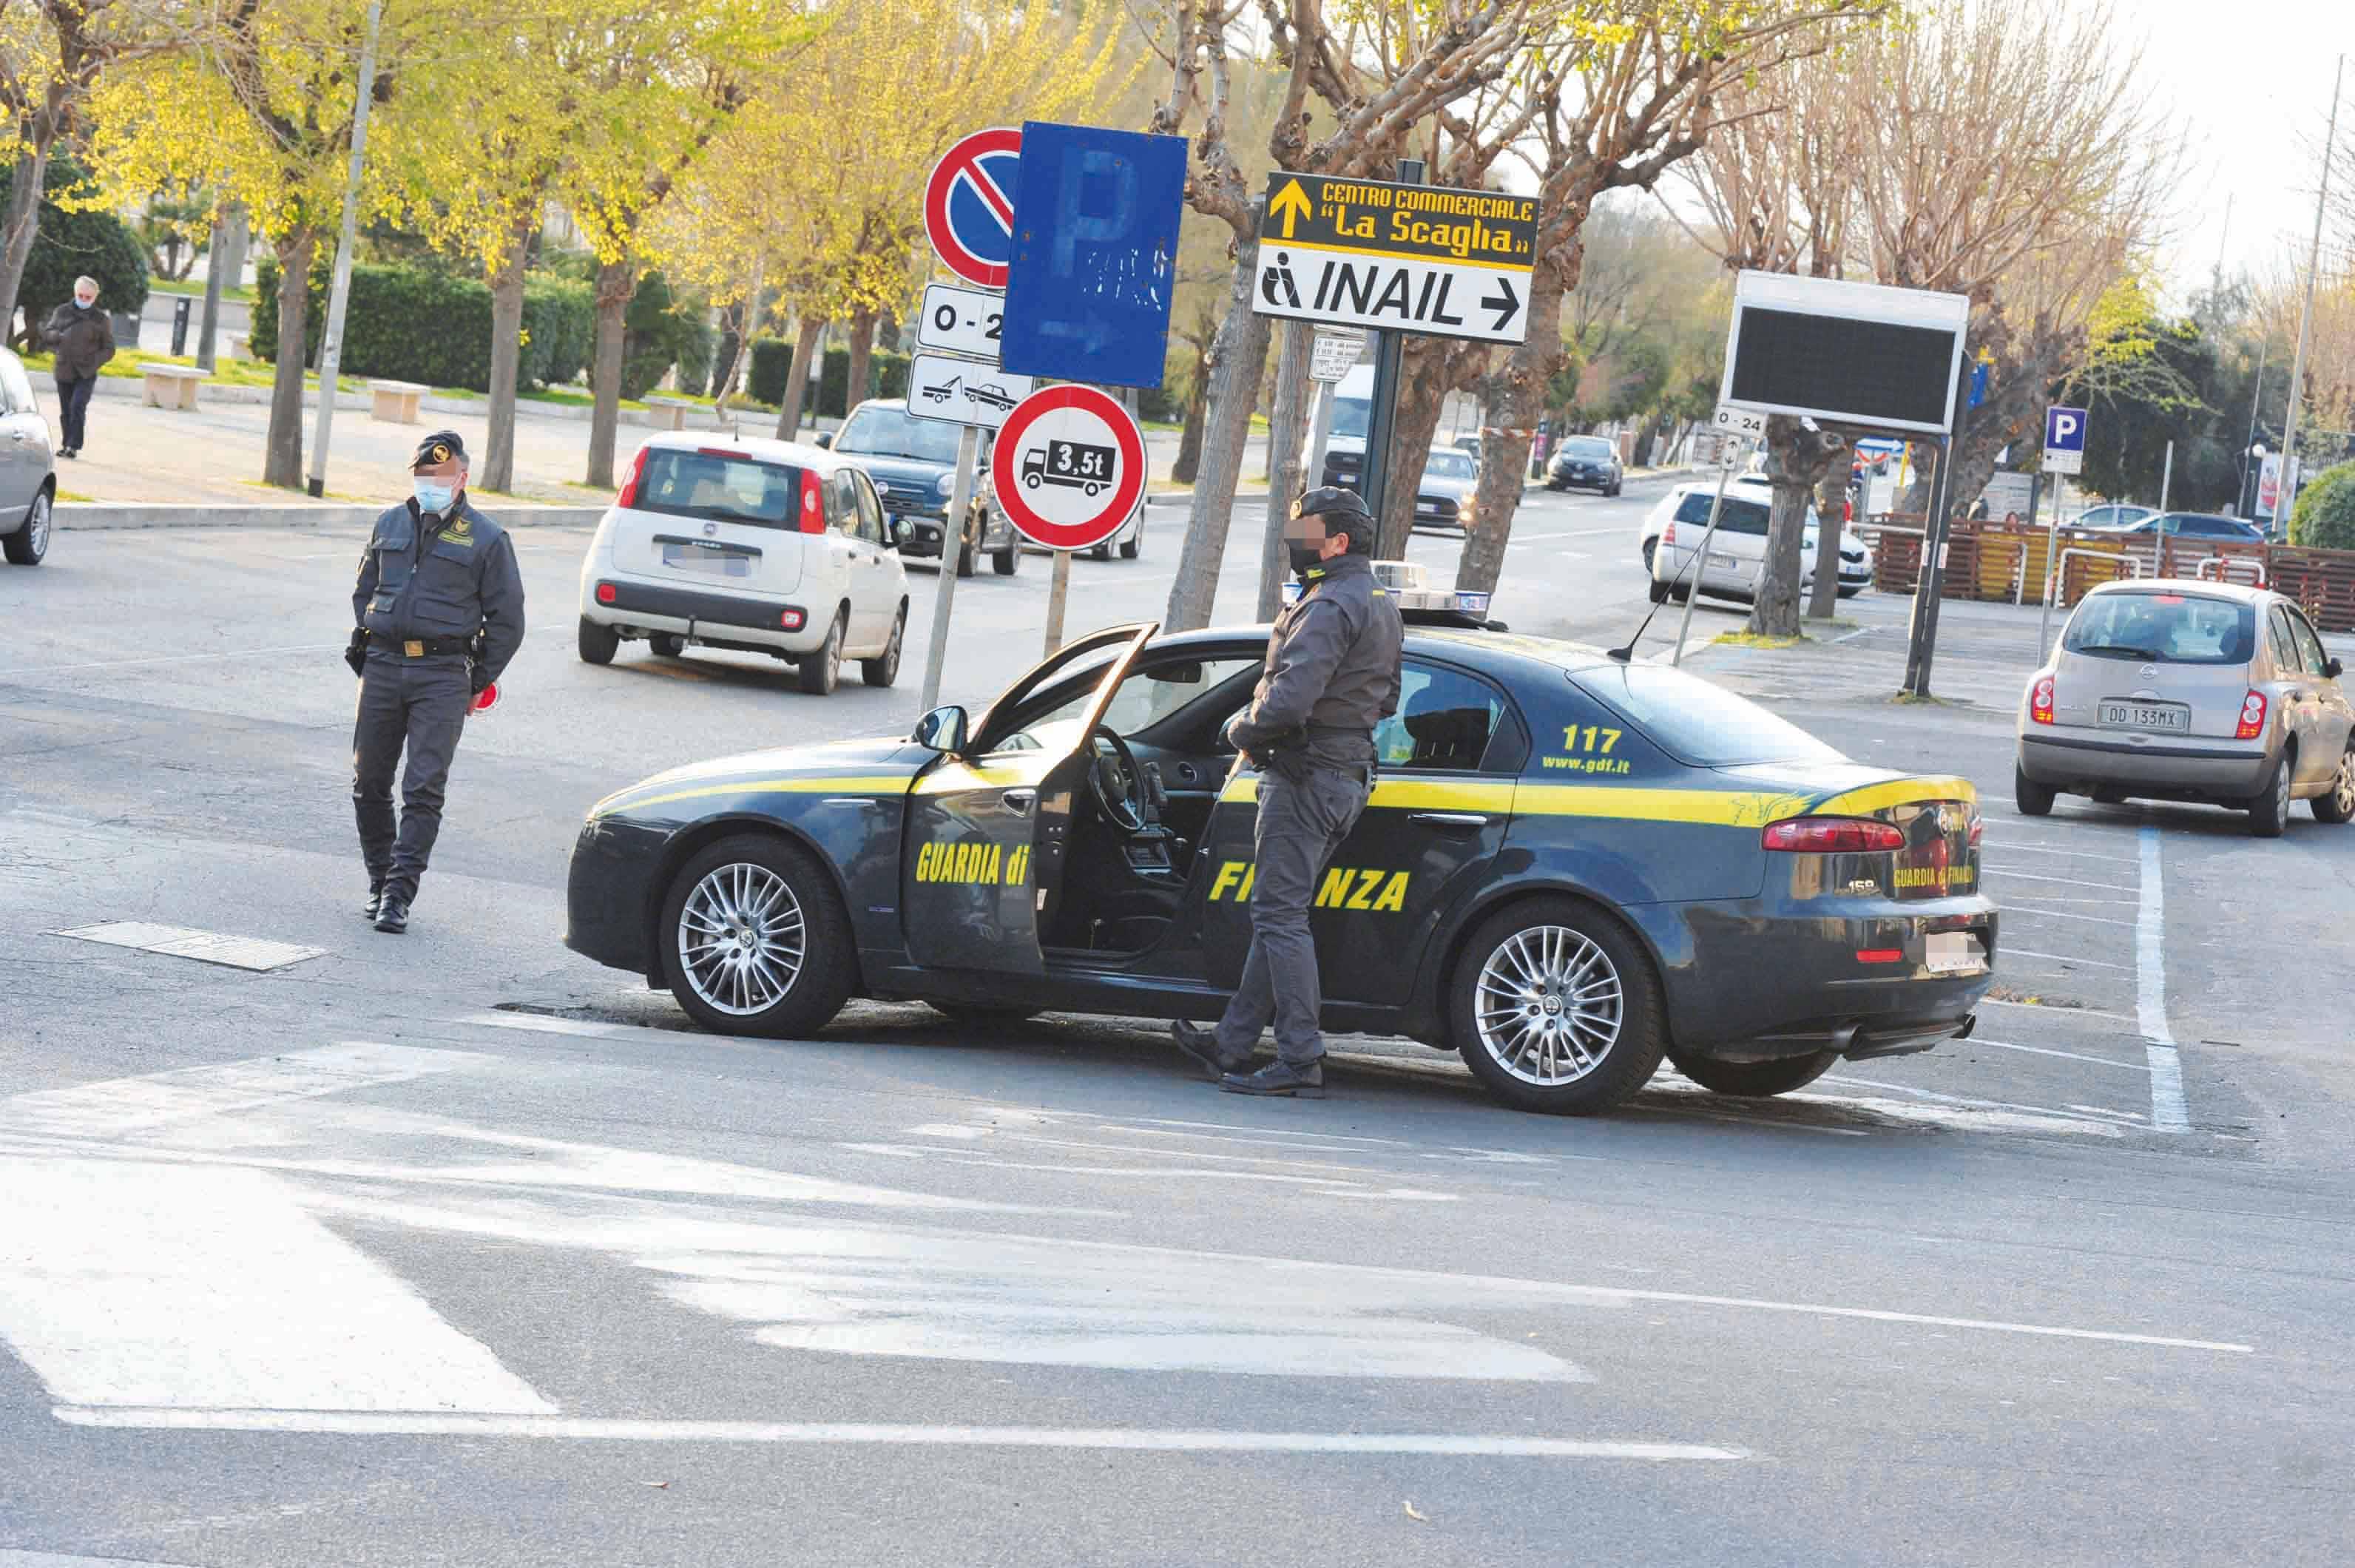 A spasso in auto senza patente: denunciato